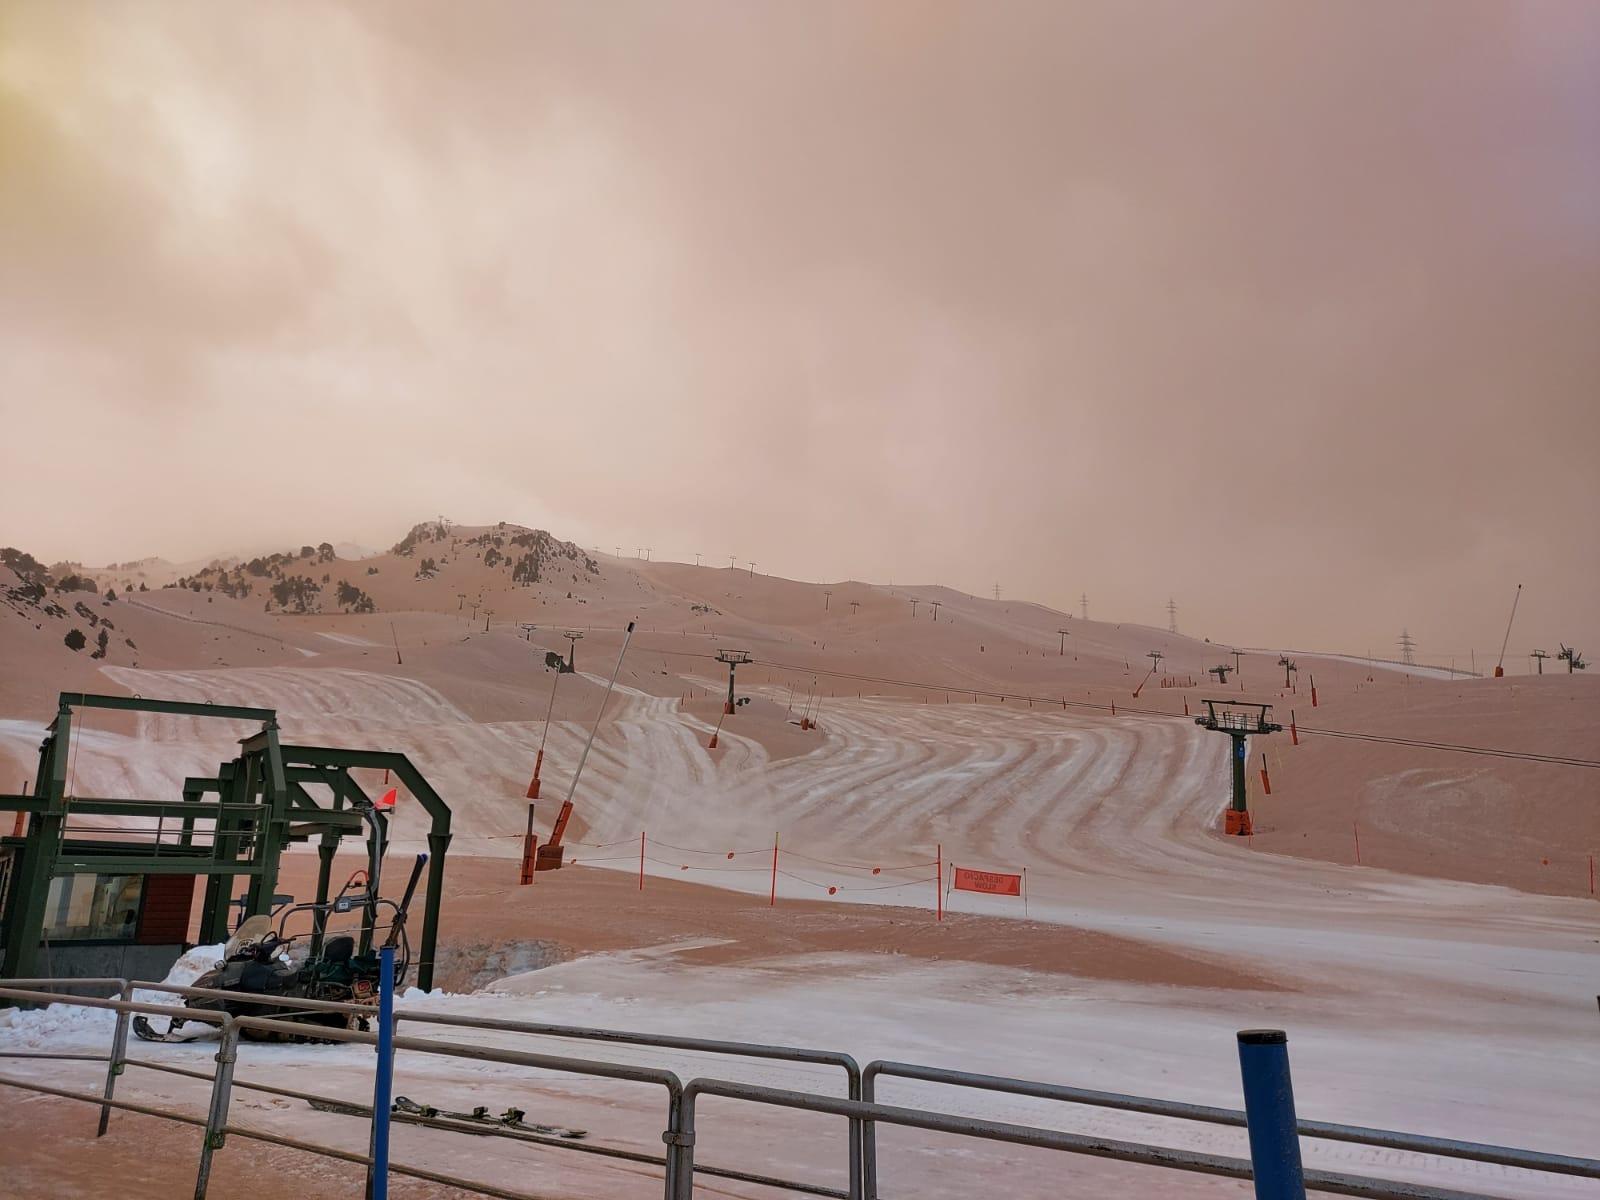 nieve marrón - nieve colacao